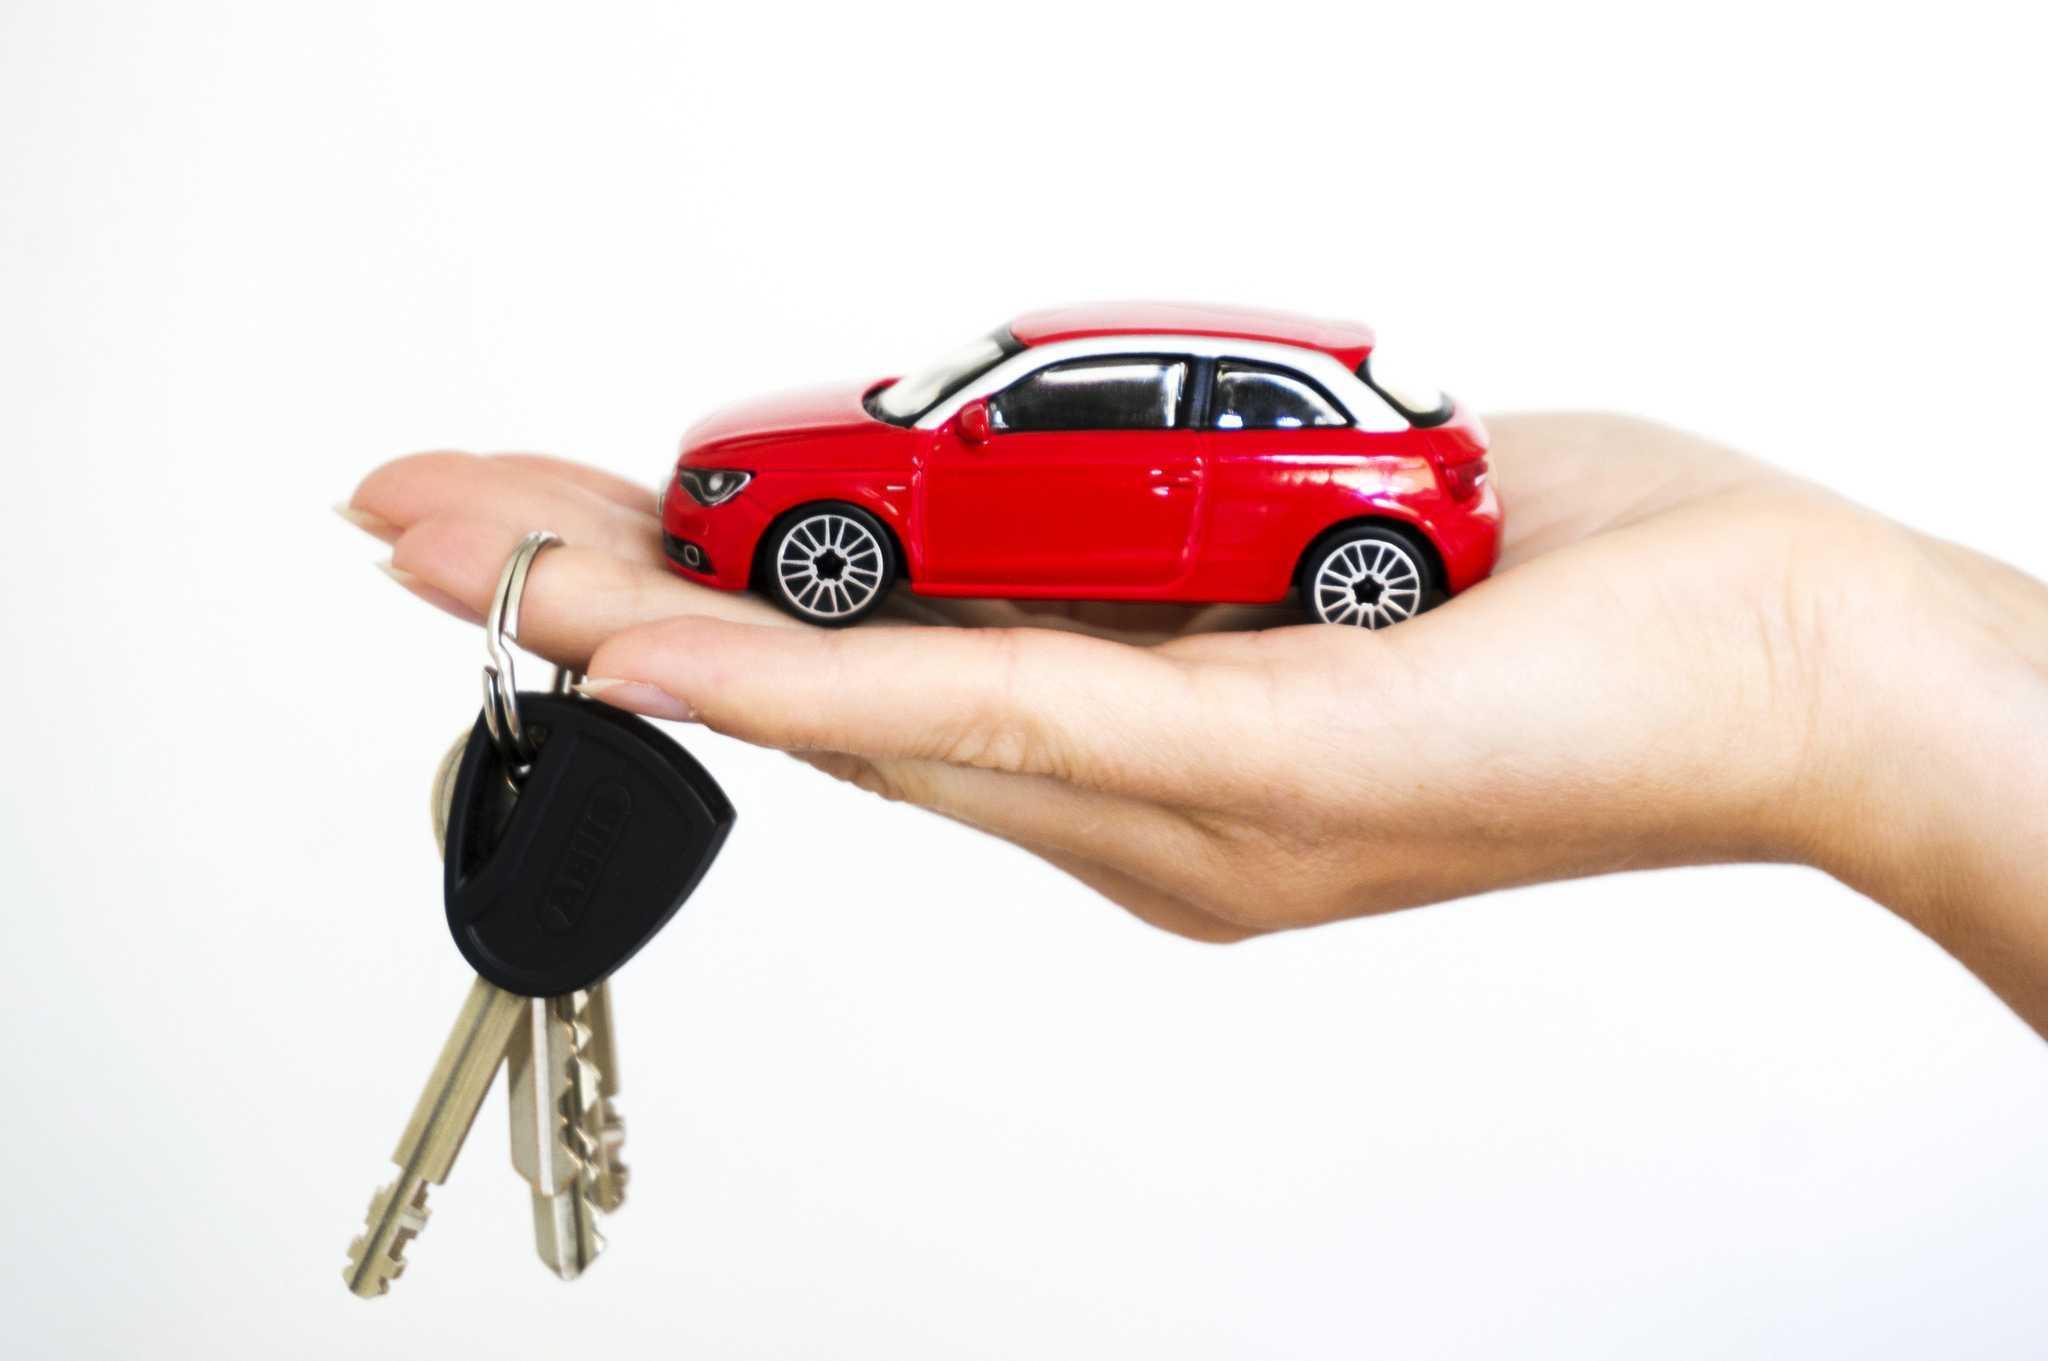 Le meilleur moment pour acheter une voiture